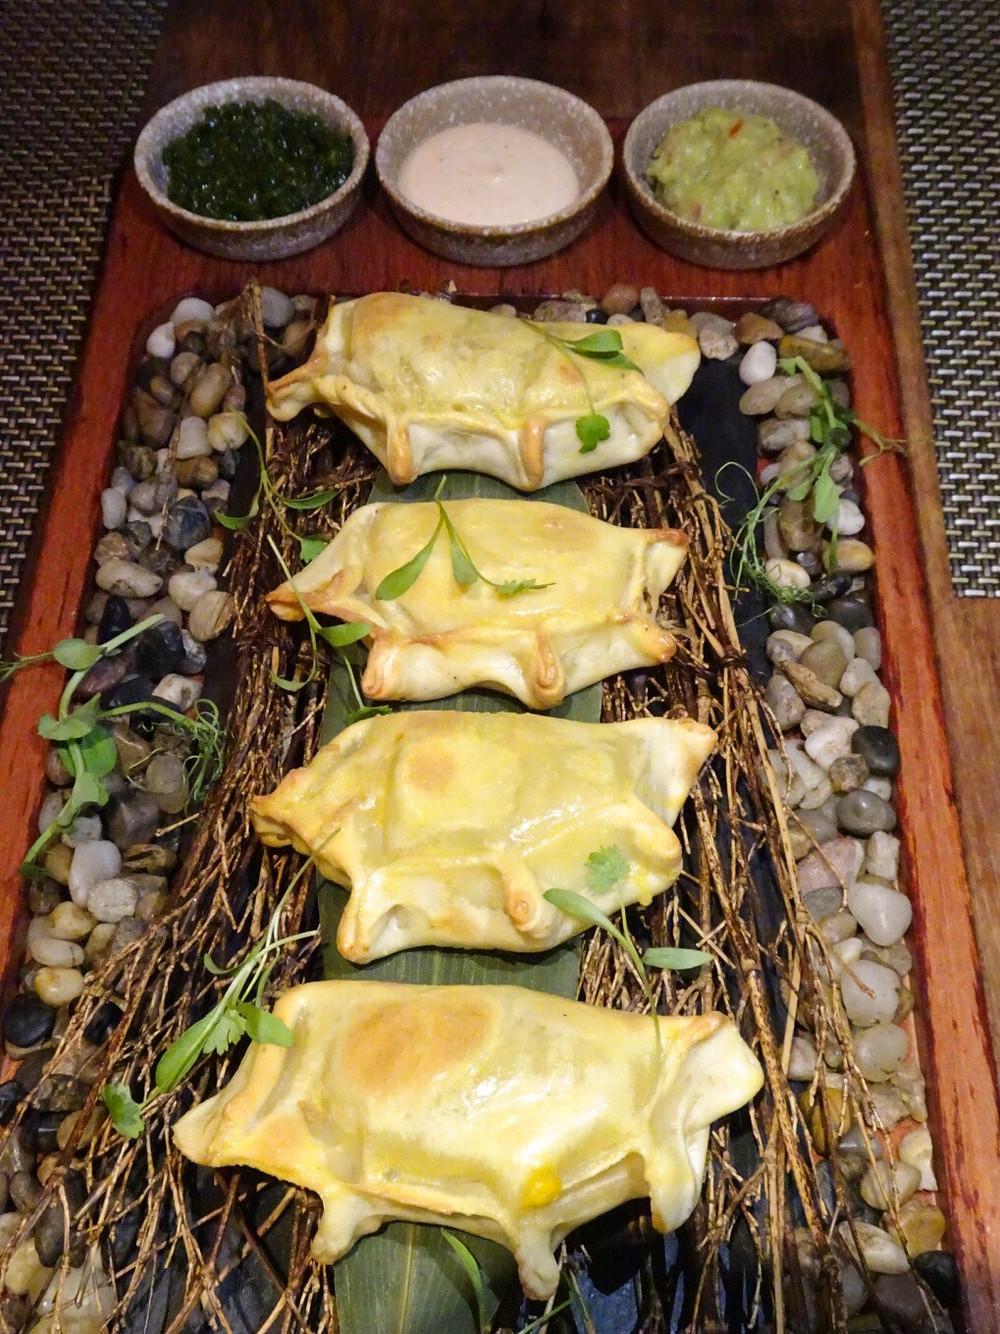 Food at Picada Latin American restaurant in Hong Kong